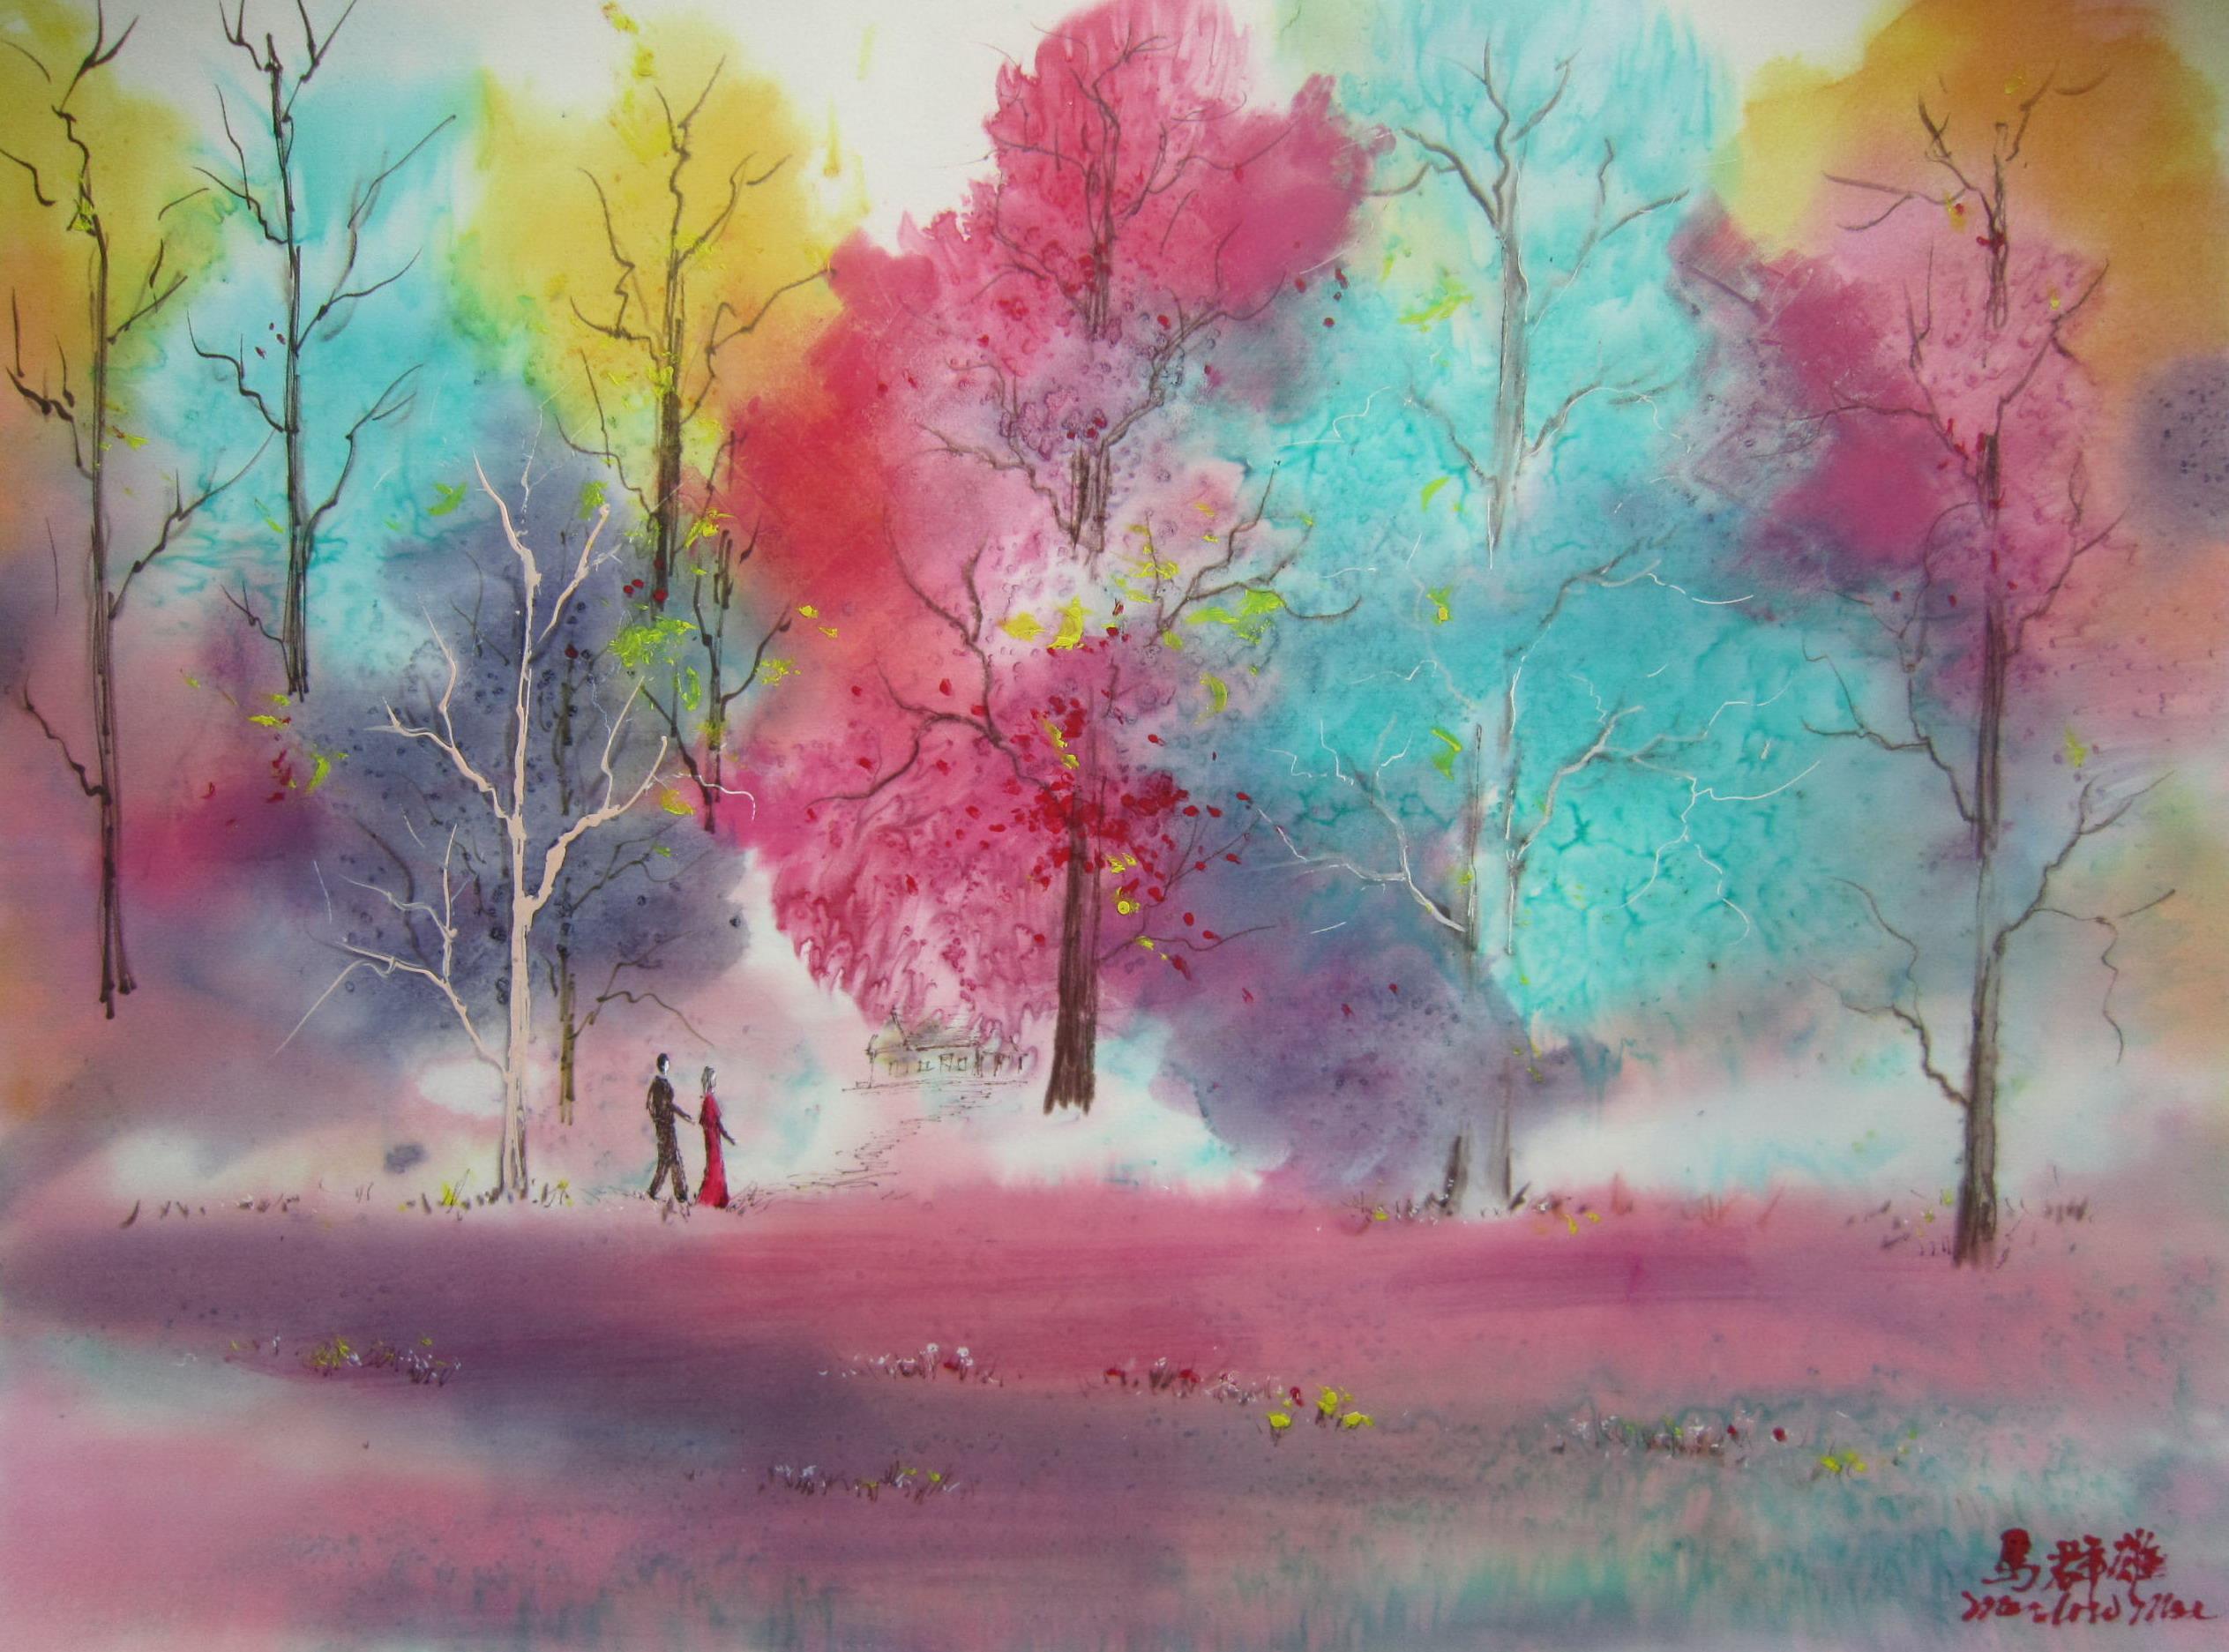 抽象 油画 山水 风景画设计图__绘画书法_文化艺术